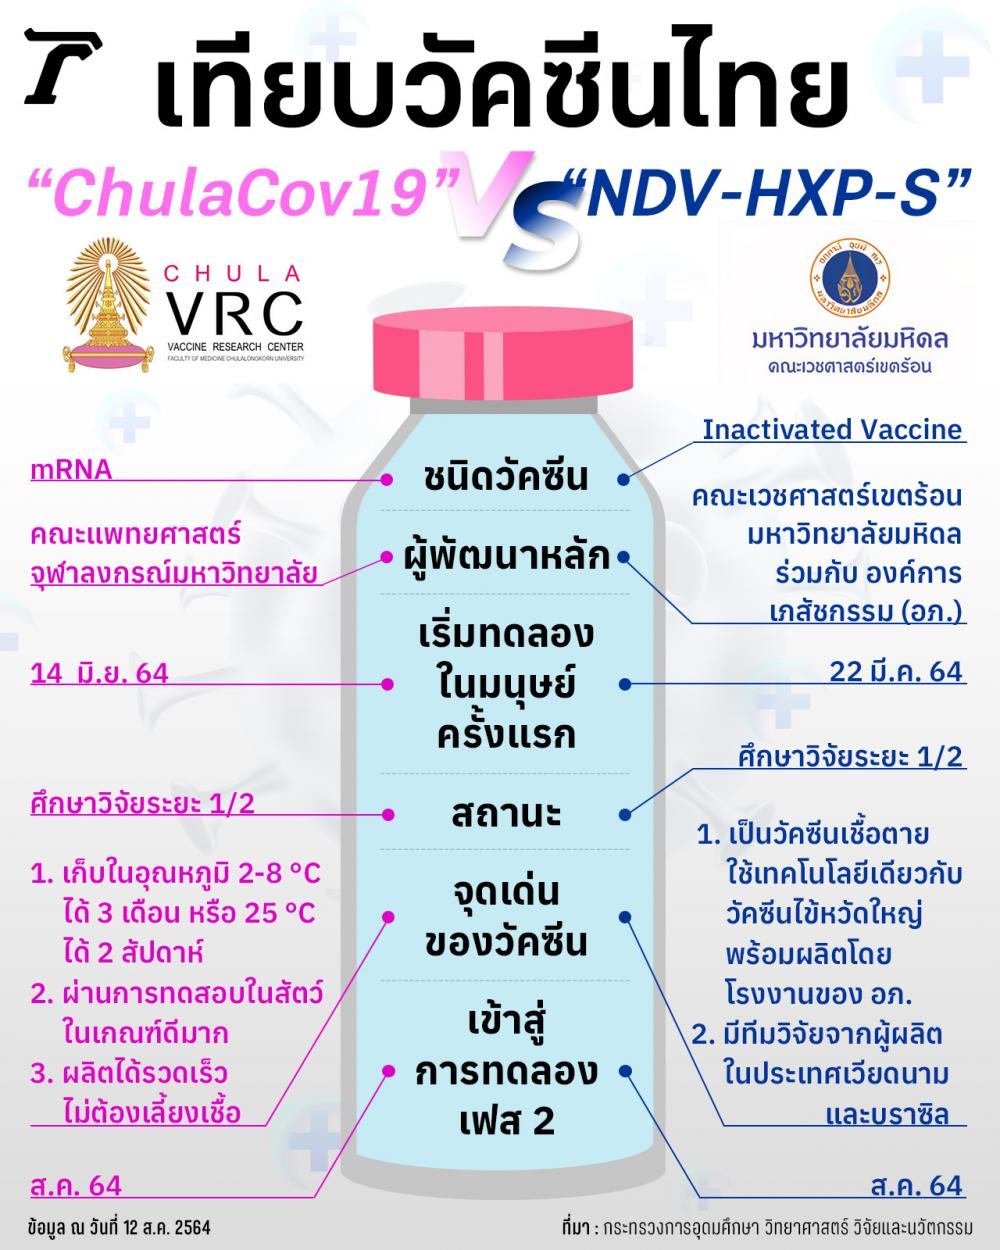 """เทียบวัคซีนไทย """"ChulaCov19"""" Vs """"NDV-HXP-S""""  ข้อมูล ณ วันที่ 12 ส.ค. 2564 ที่มา : กระทรวงการอุดมศึกษา วิทยาศาสตร์ วิจัยและนวัตกรรม"""